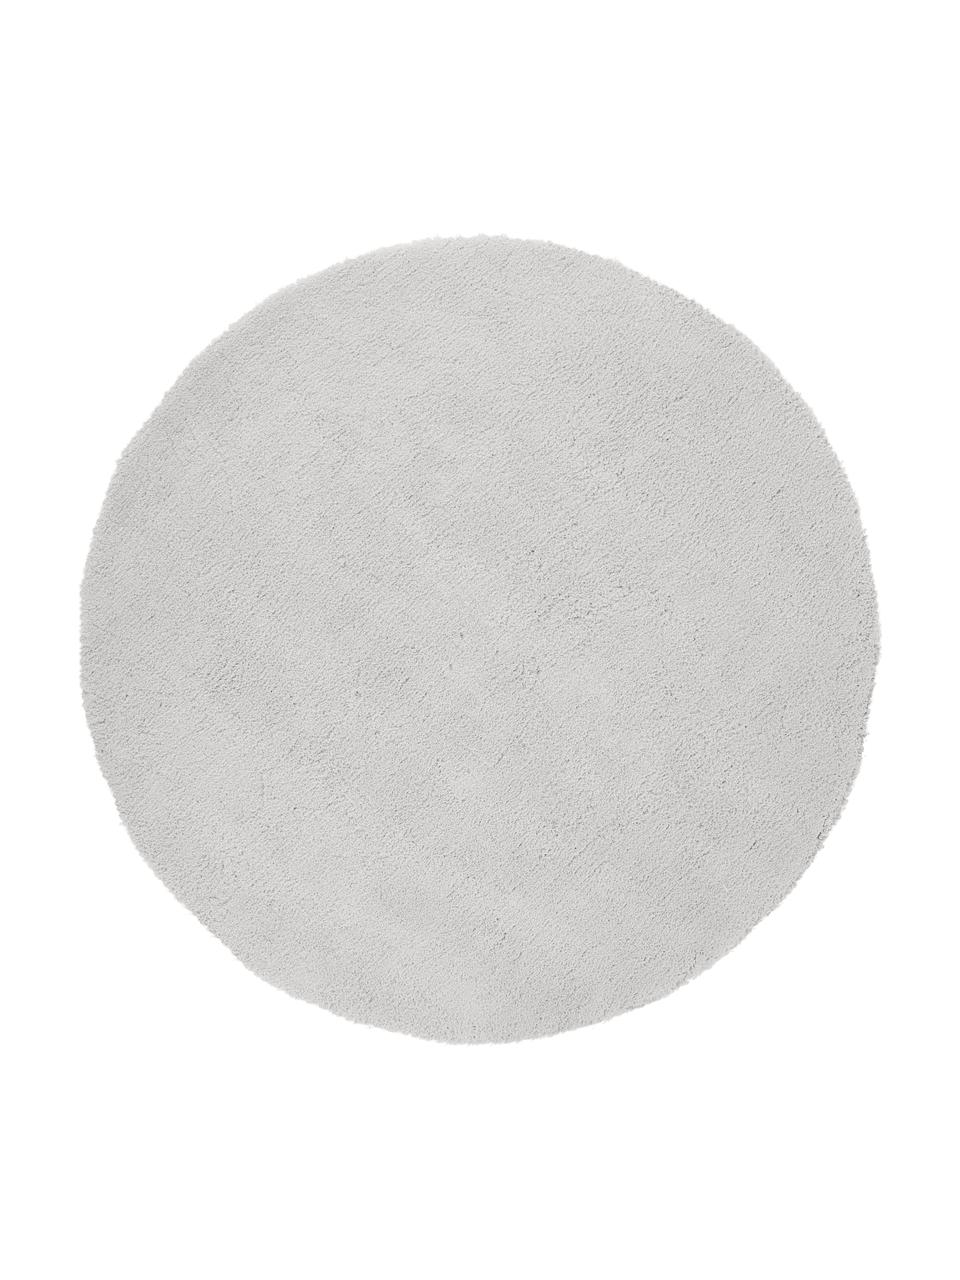 Okrągły puszysty dywan Leighton, Jasny szary, Ø 200 cm (Rozmiar L)